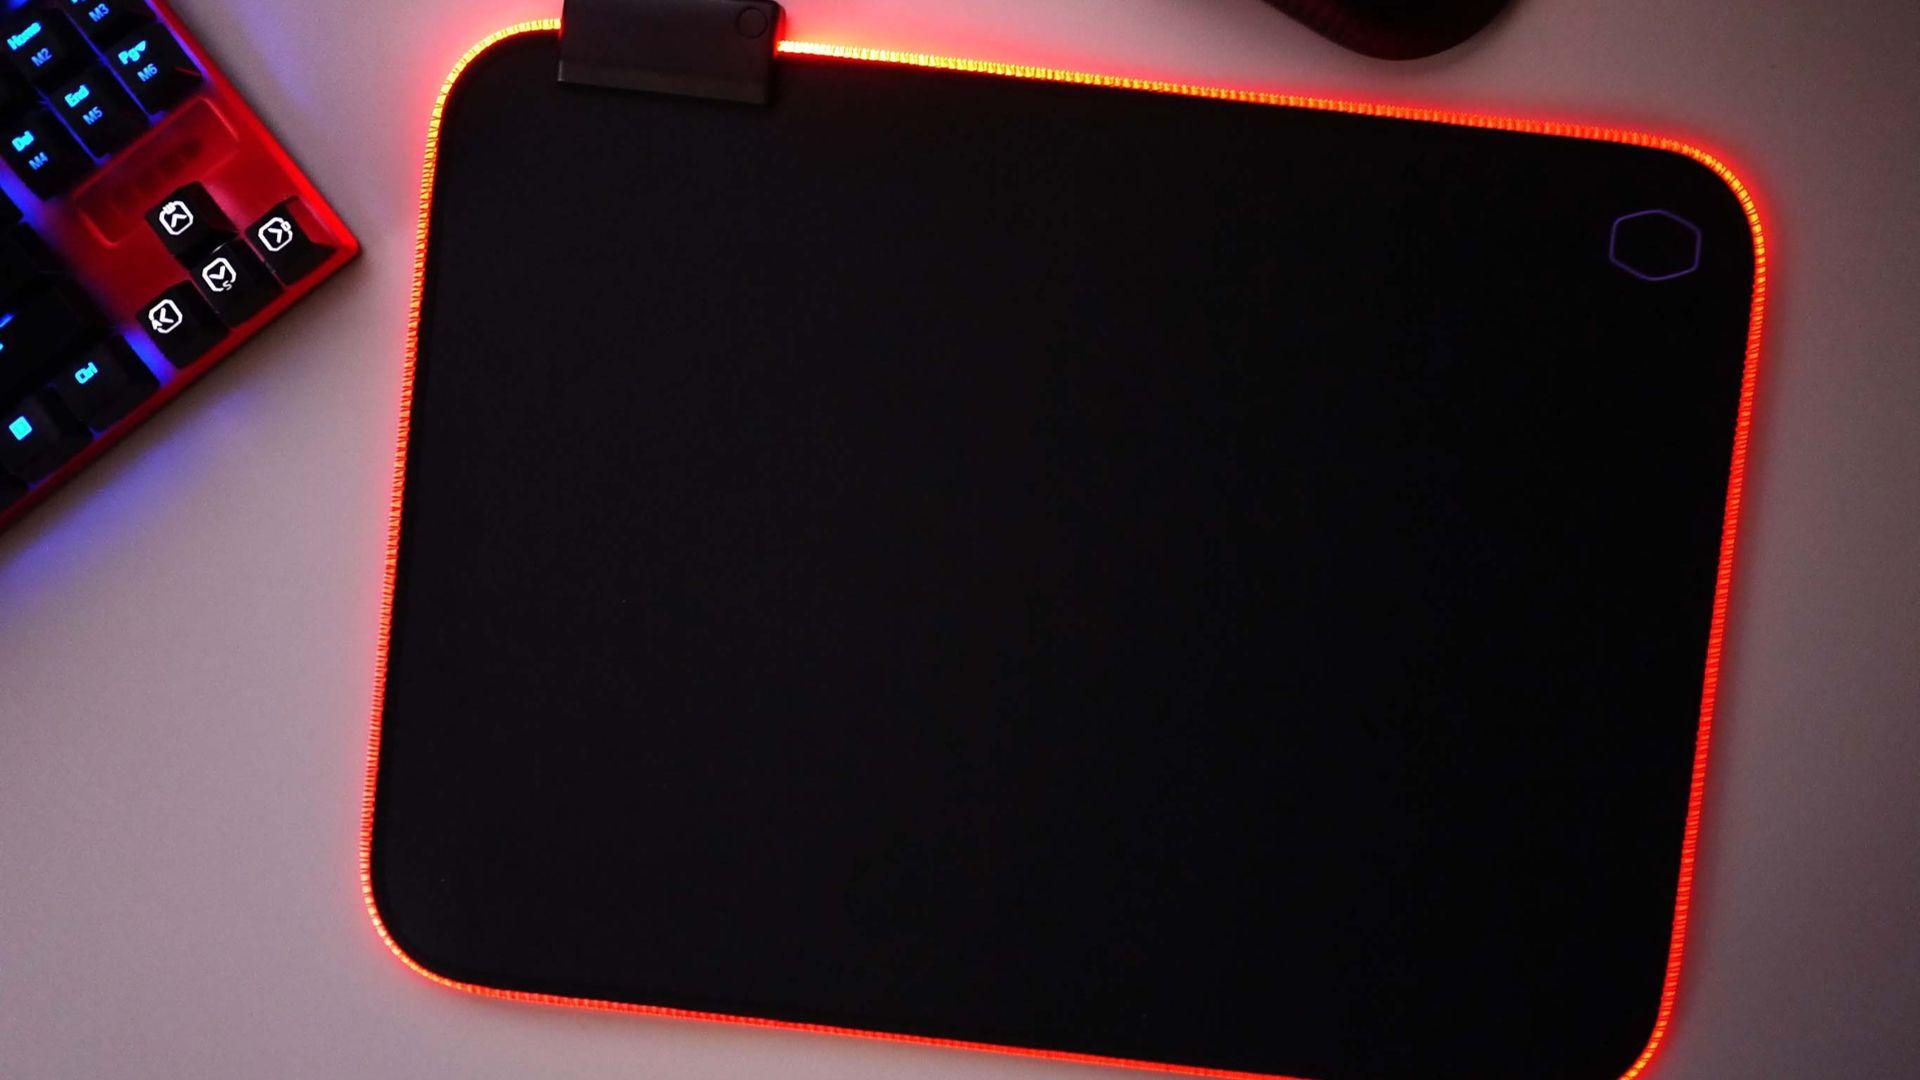 O mouse pad pode ser colorido, ter luz, ser estampado... existem vários tipos (Fonte: Shutterstock)